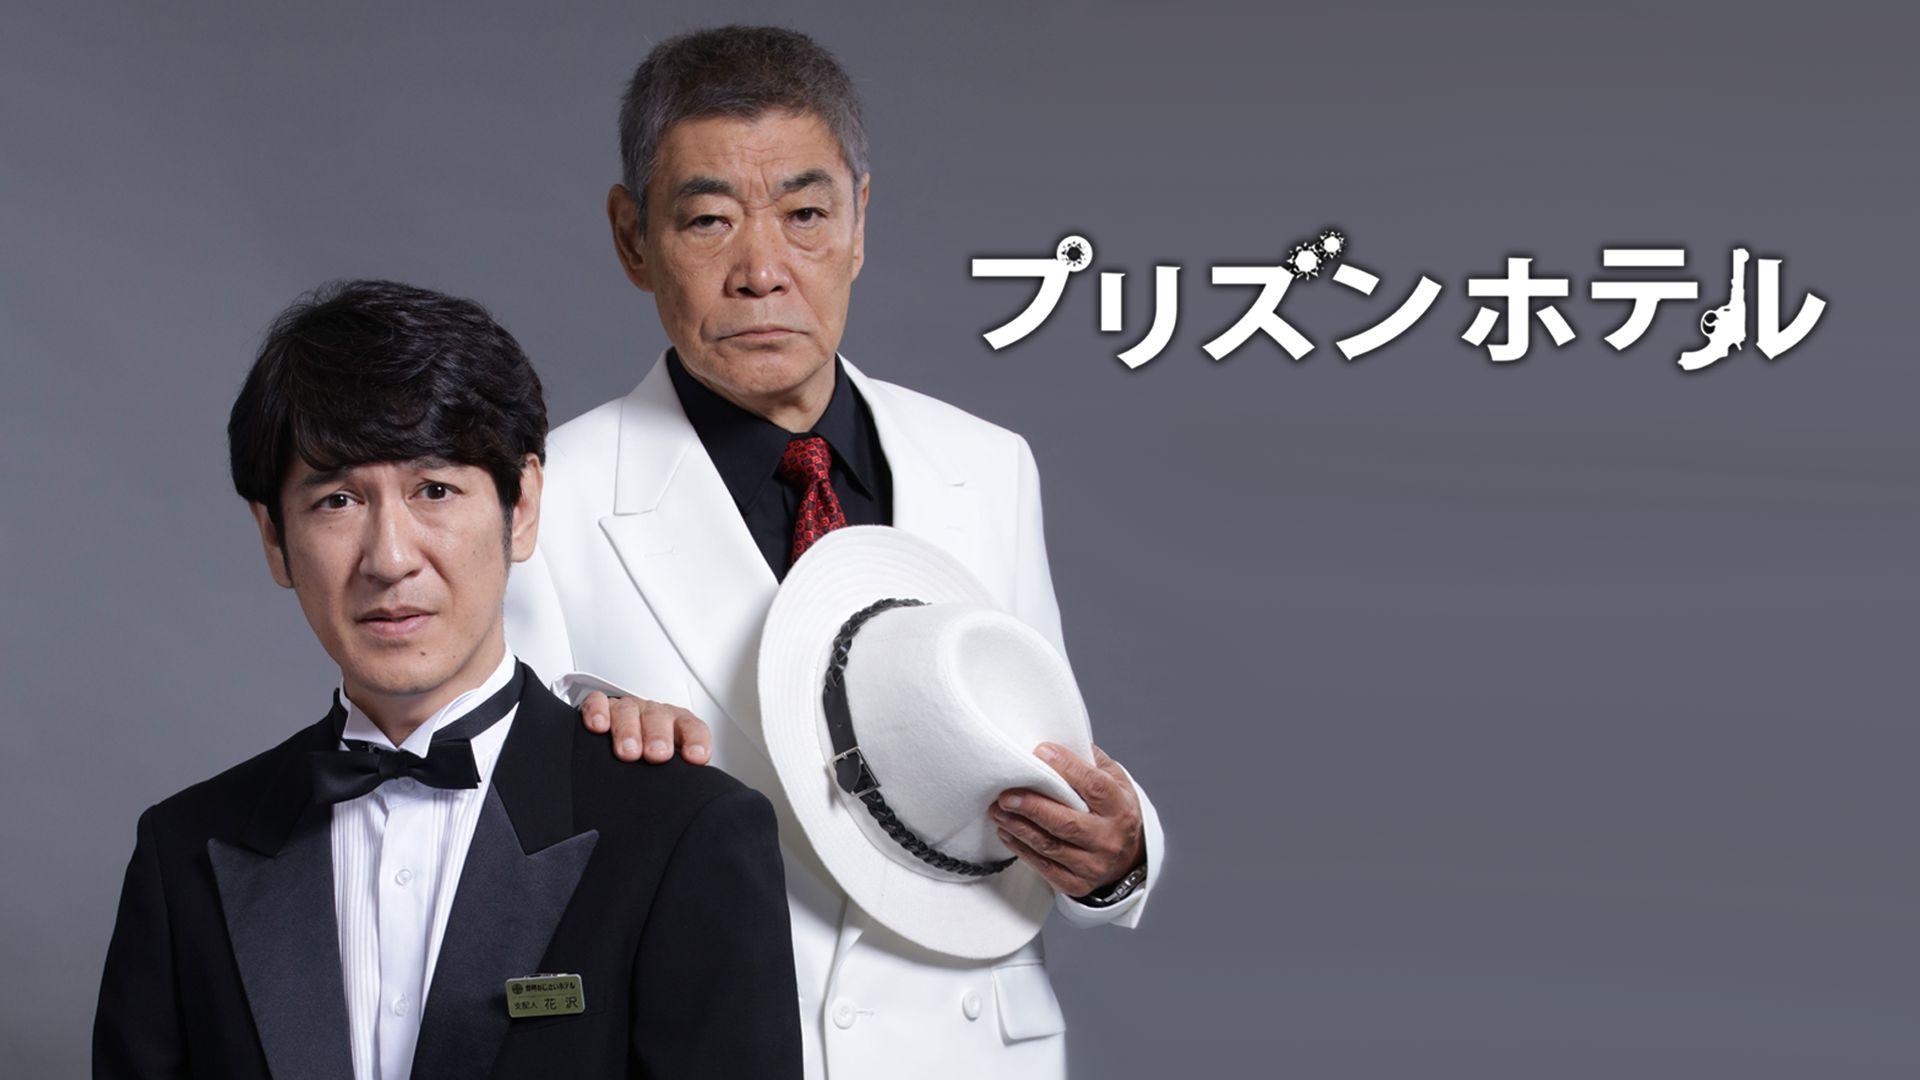 プリズンホテル(国内ドラマ)